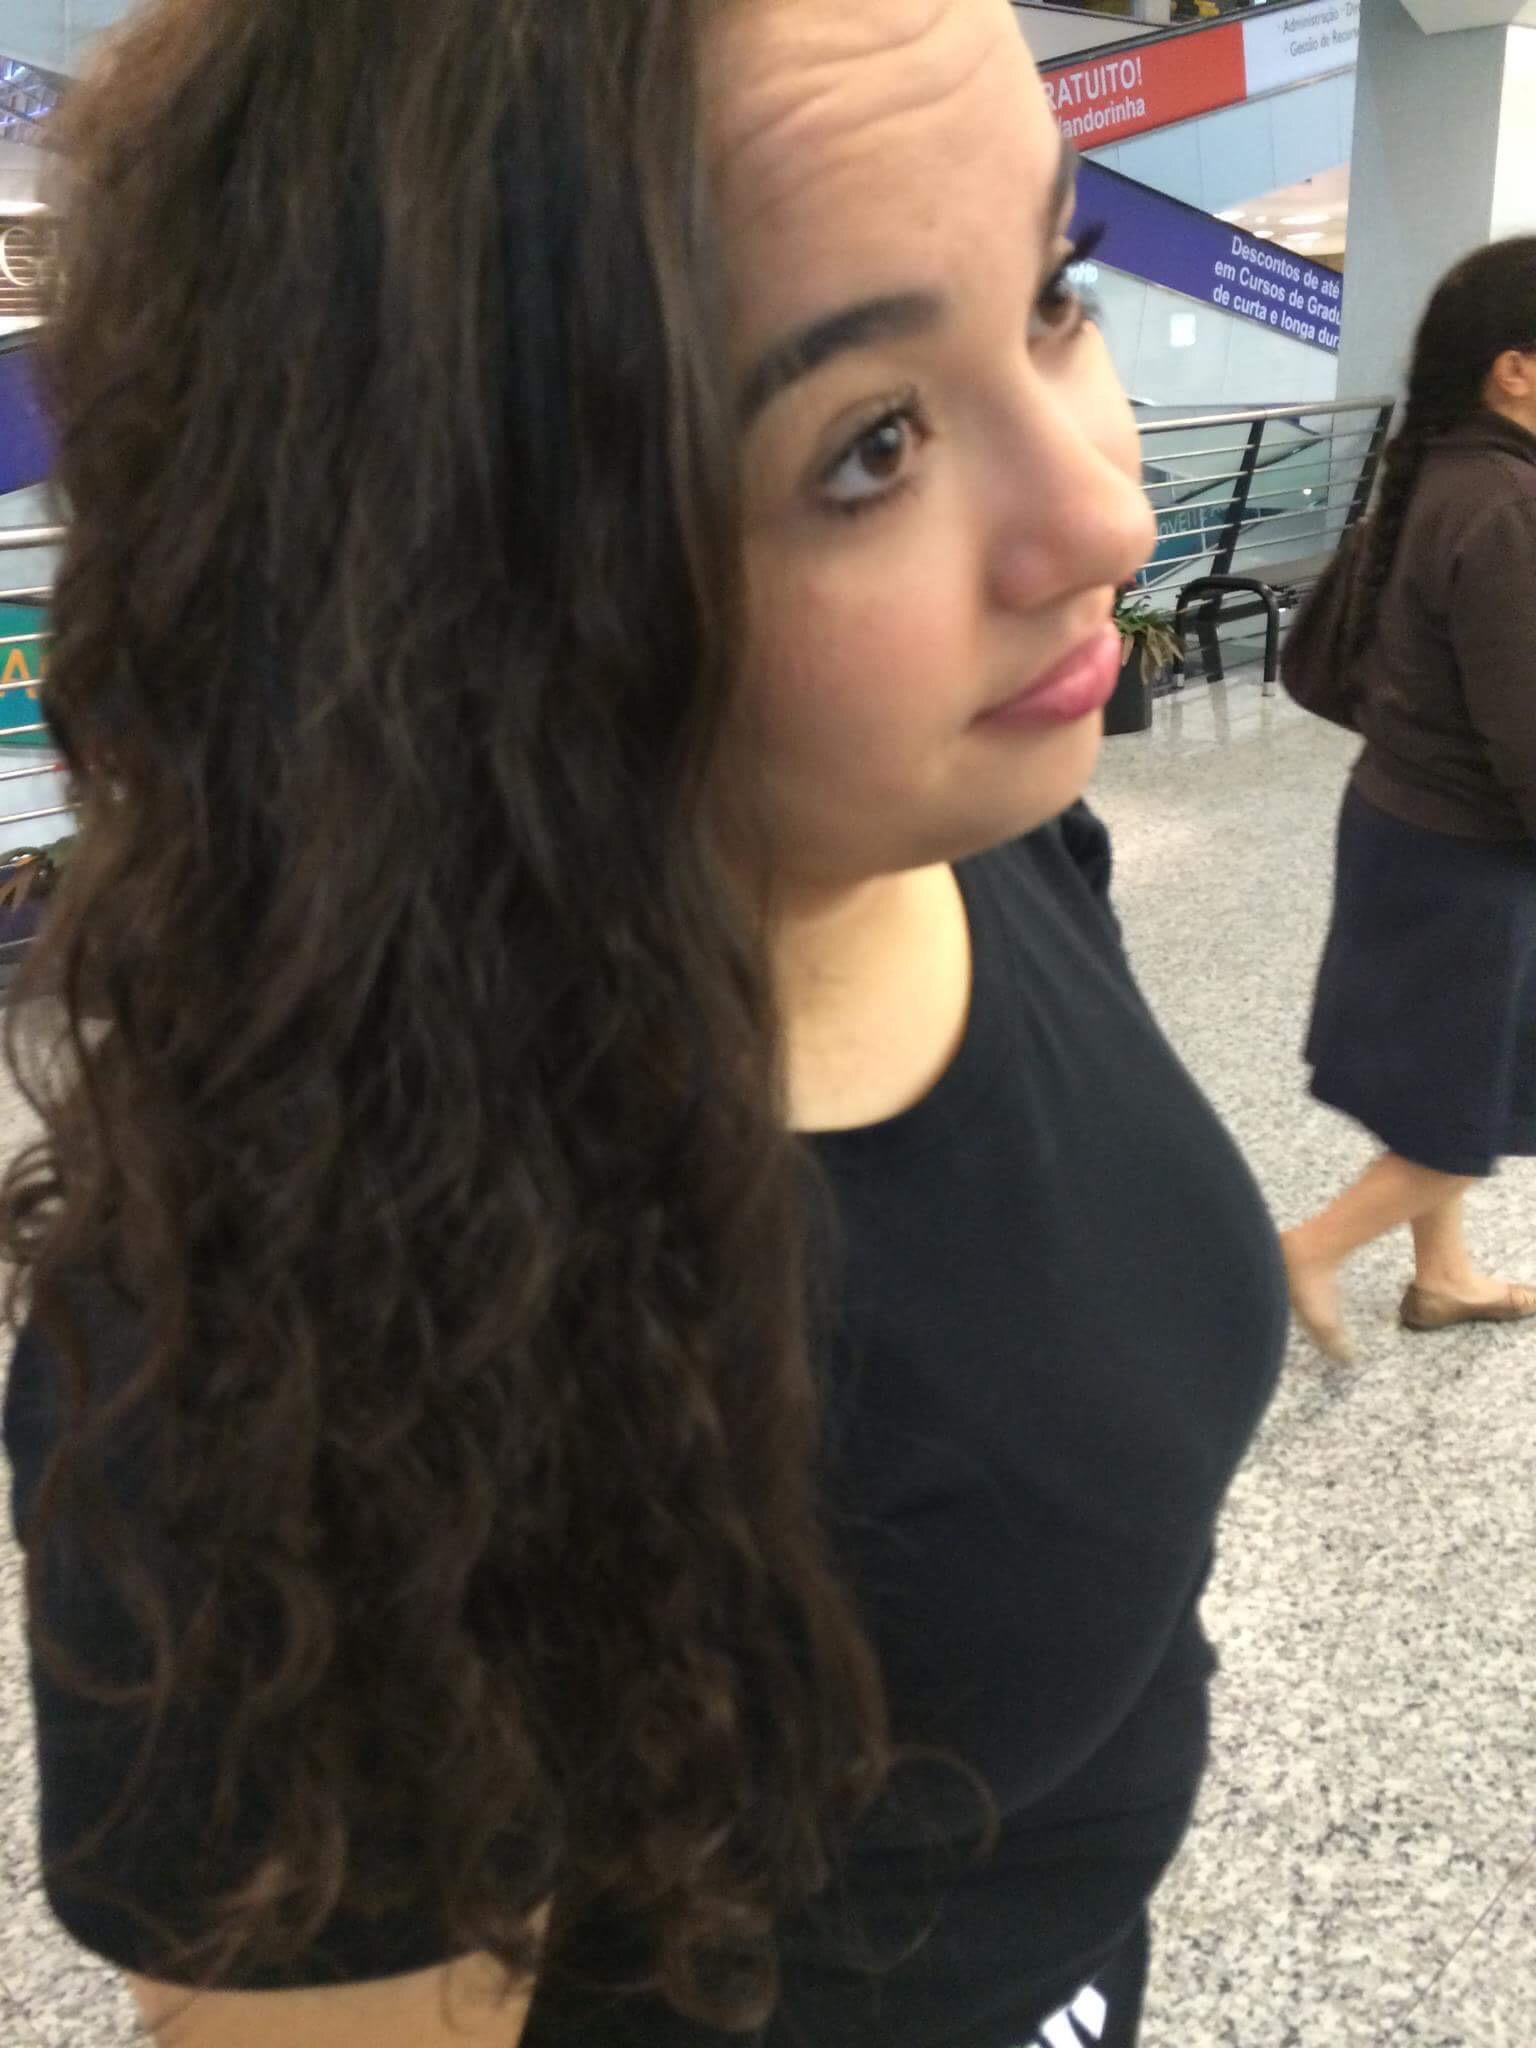 Resultado cachos, soltos, hidratado e definido como a cliente desejou! #cachosdefinido #cachos #texturização #definição cabelo auxiliar cabeleireiro(a)